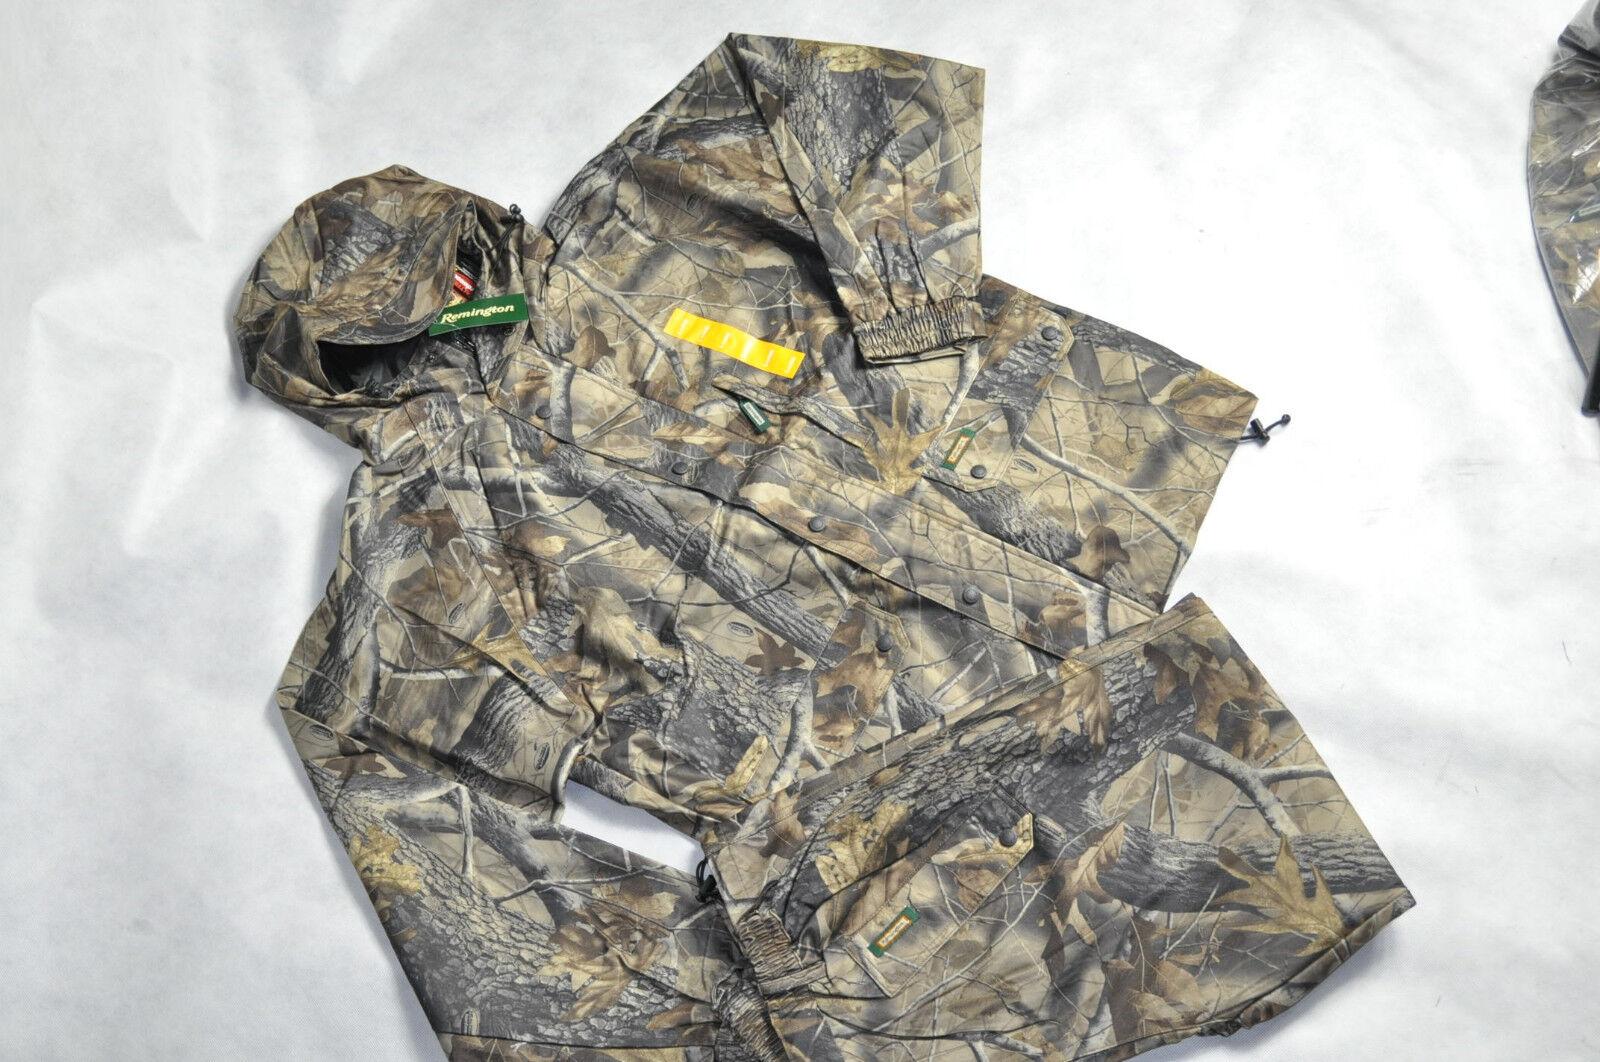 Remington caza traje traje para caza y pesca membrana tejidos, chaqueta y pantalones